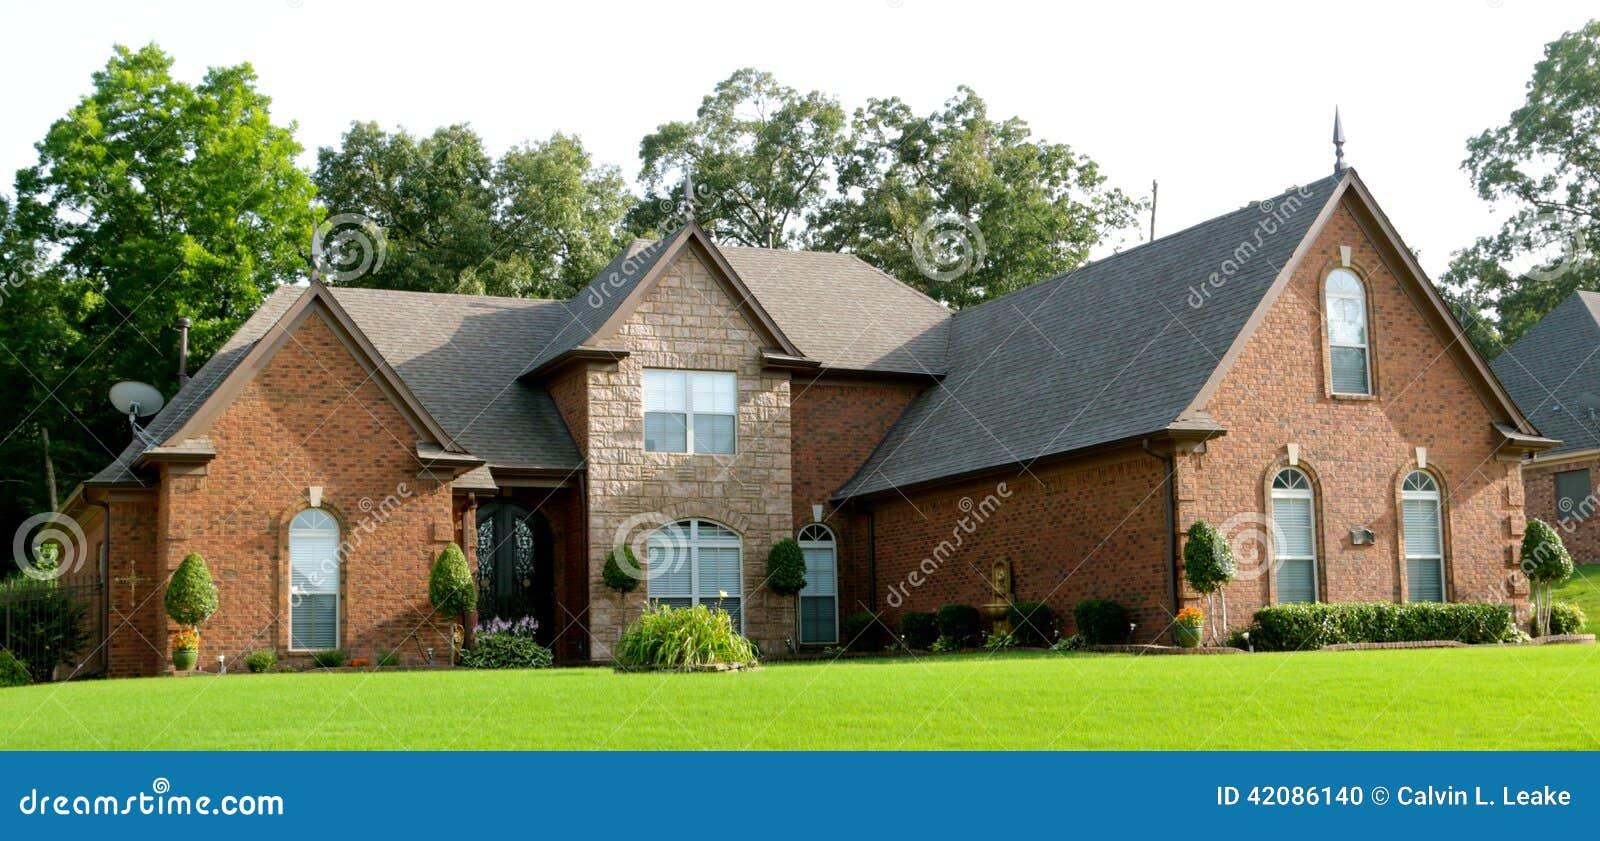 Casa suburbana bonita com gramado verde luxúria